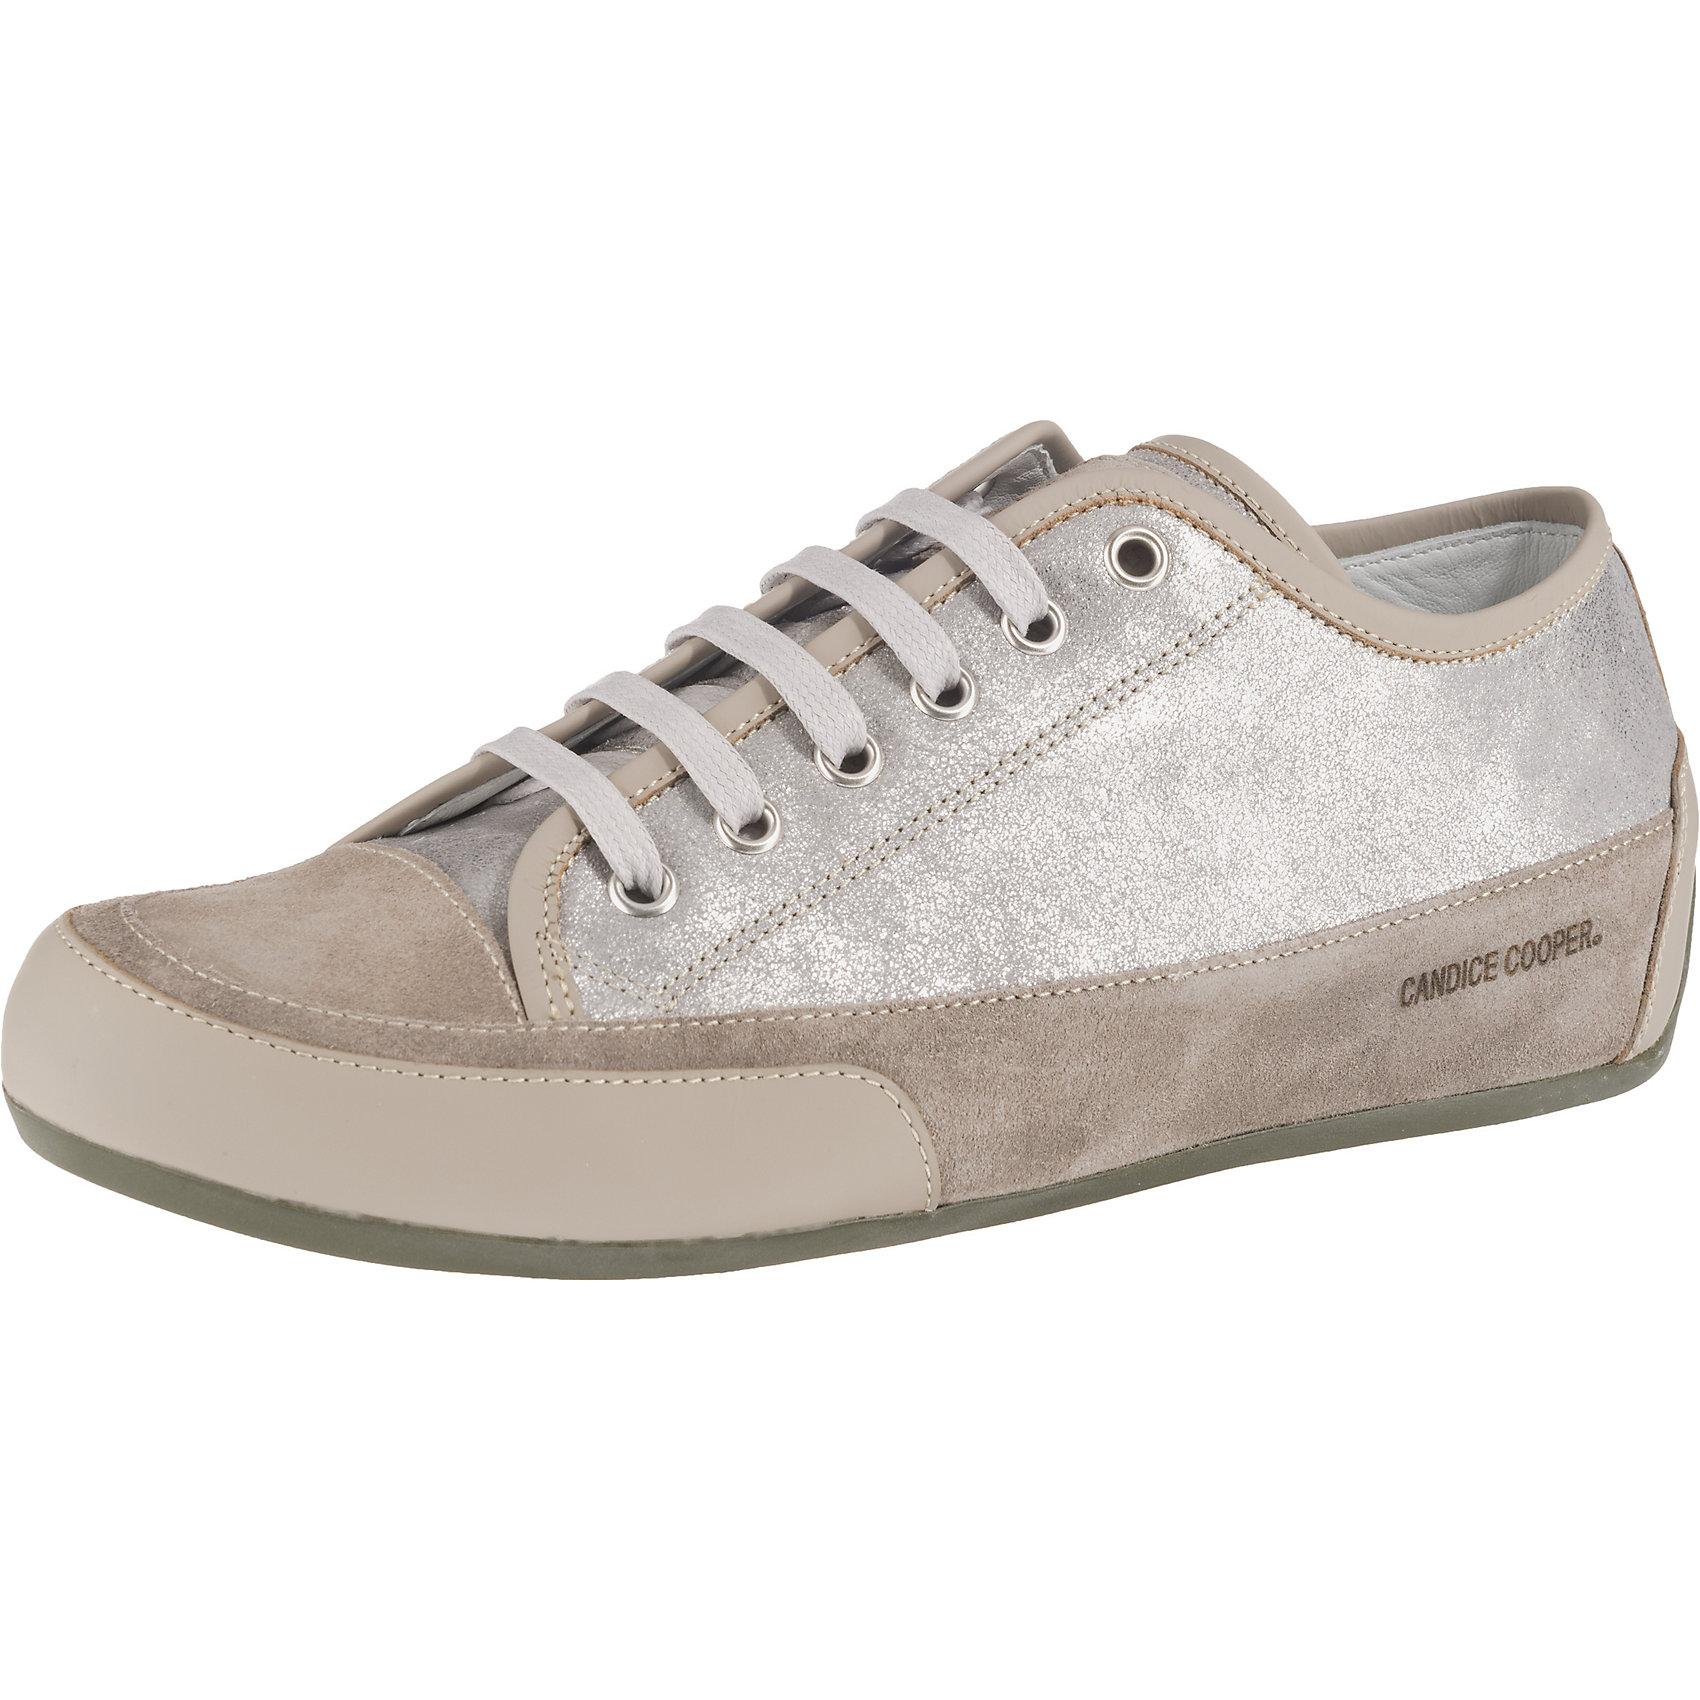 68c00a95b5c640 Neu Candice Cooper Sneakers Low 9641660 für Damen silber